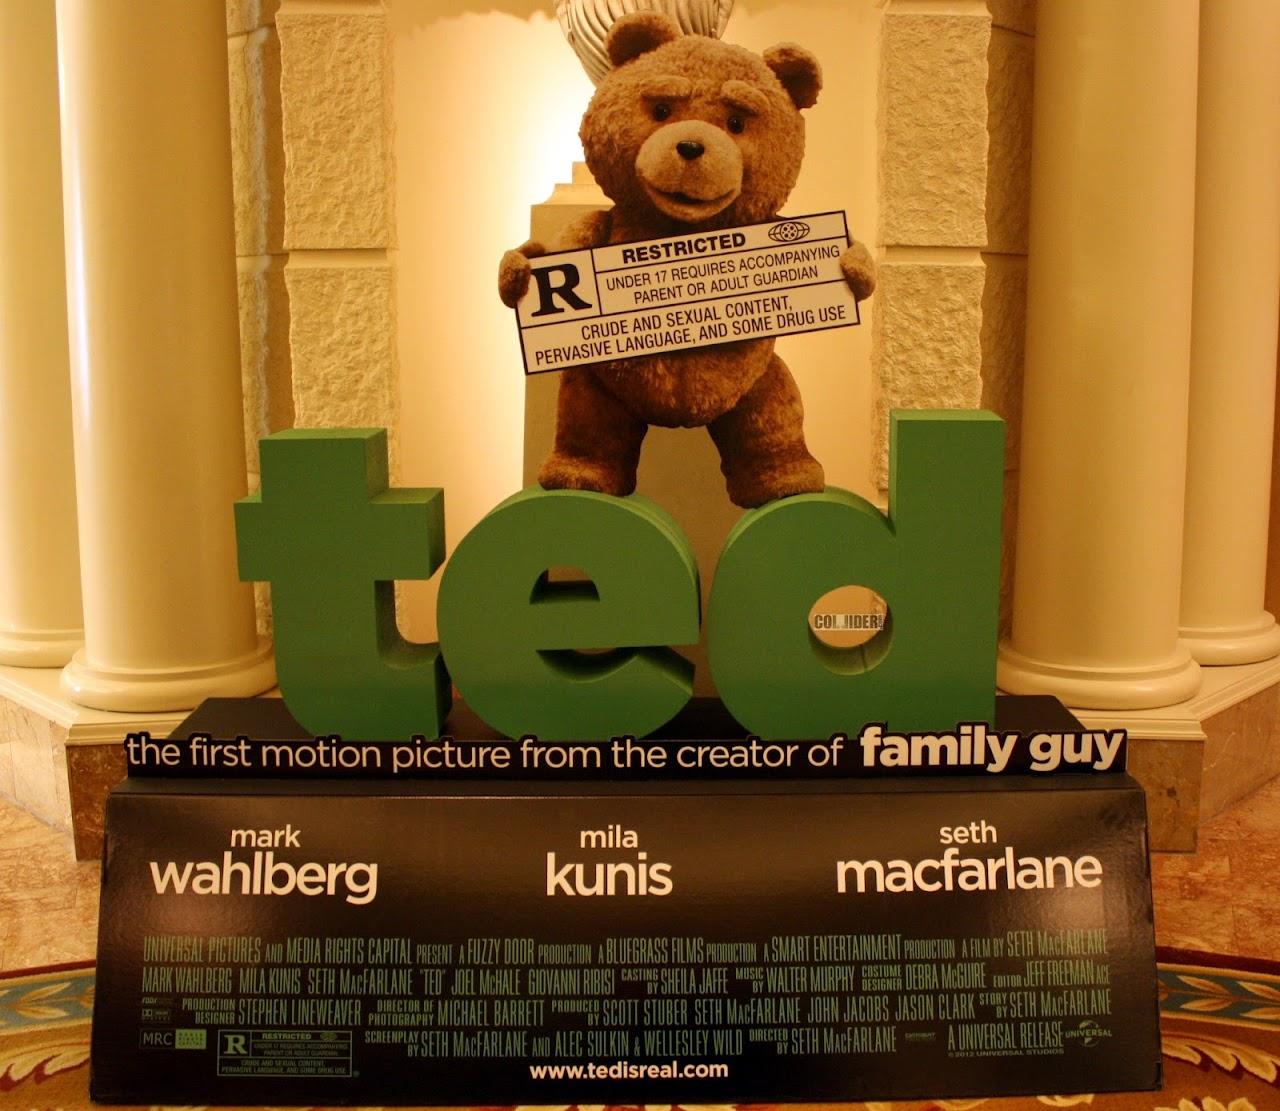 http://4.bp.blogspot.com/-HU_D5-pwygk/T-zE-ZhduAI/AAAAAAAAA1I/hm2nmhecqAA/s1600/ted-movie-theater-standee-lw.jpg